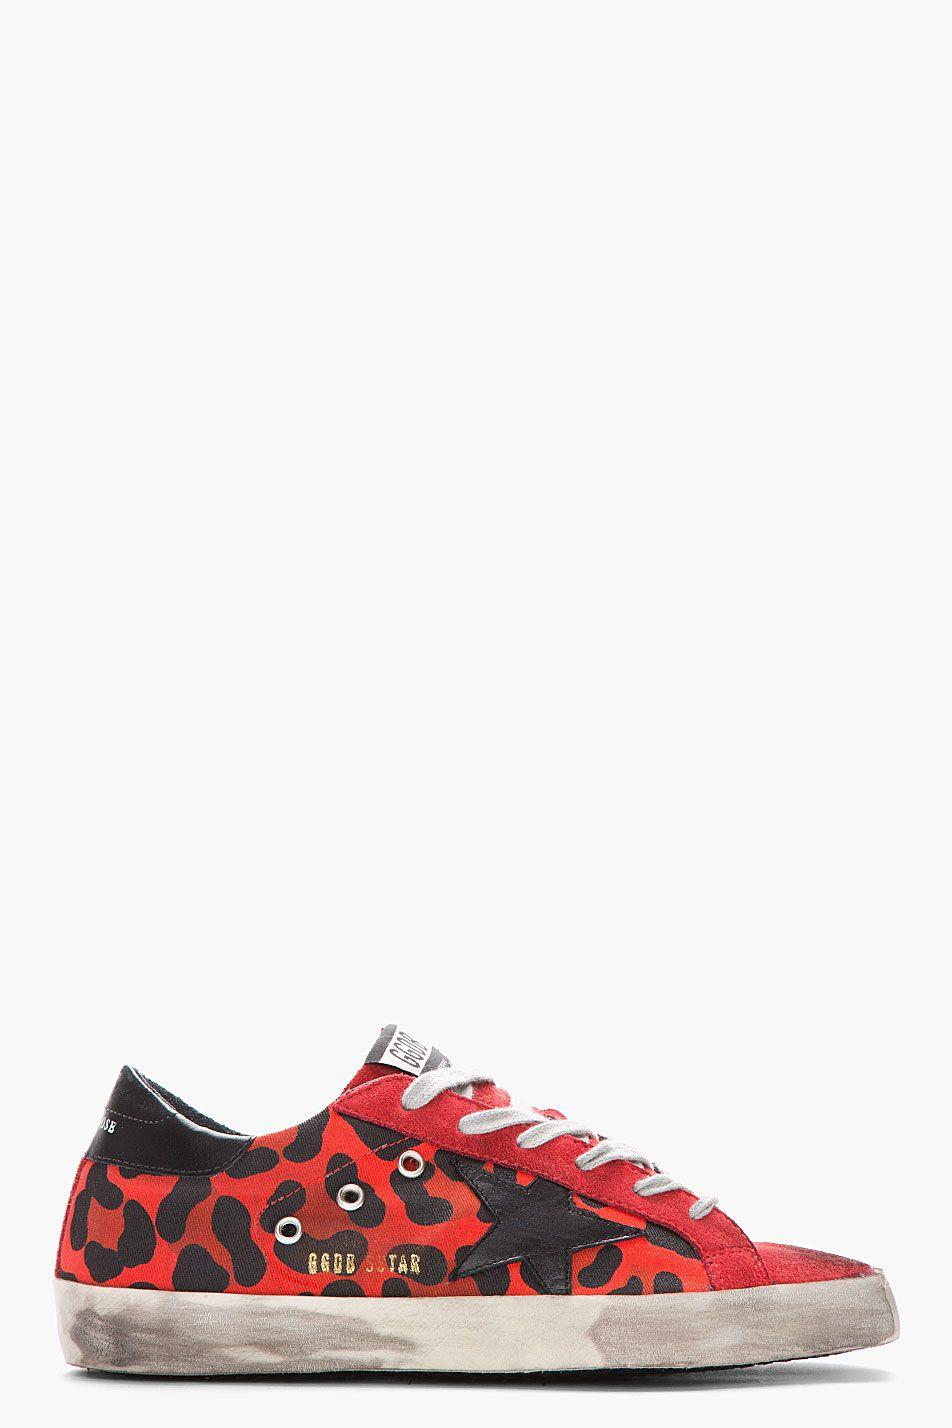 GOLDEN GOOSE Red Leopard Print Suede Superstar Sneakers